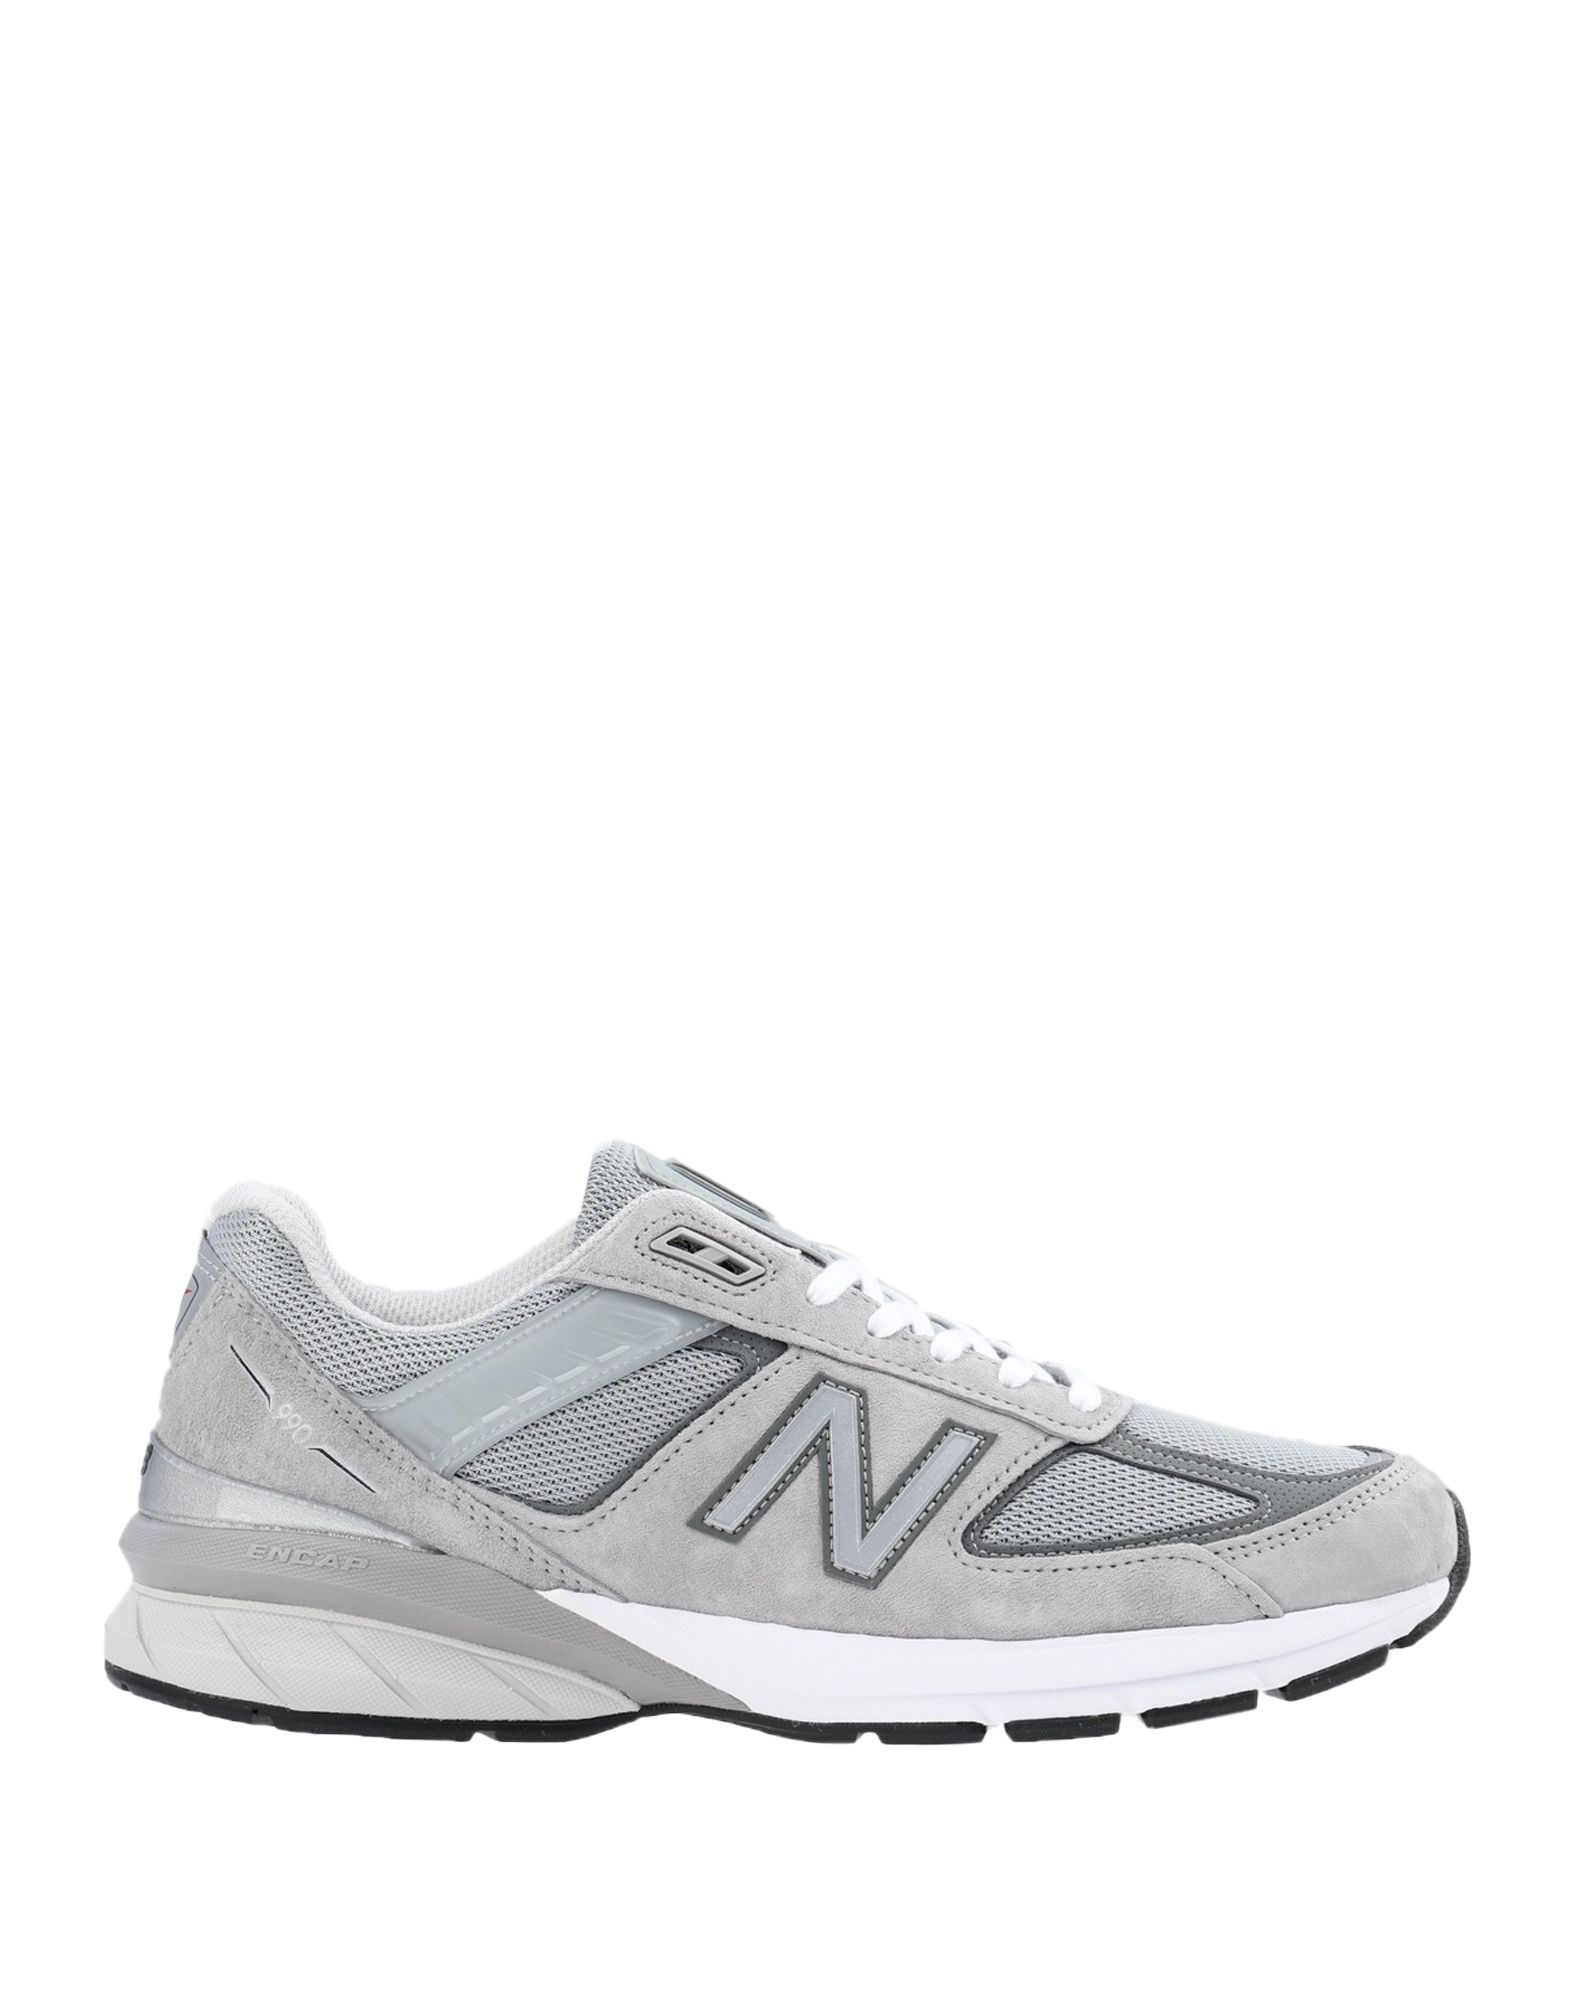 NEW BALANCE Низкие кеды и кроссовки кроссовки мужские new balance 1500 цвет синий m1500ogn d 432 размер 10 5 43 5